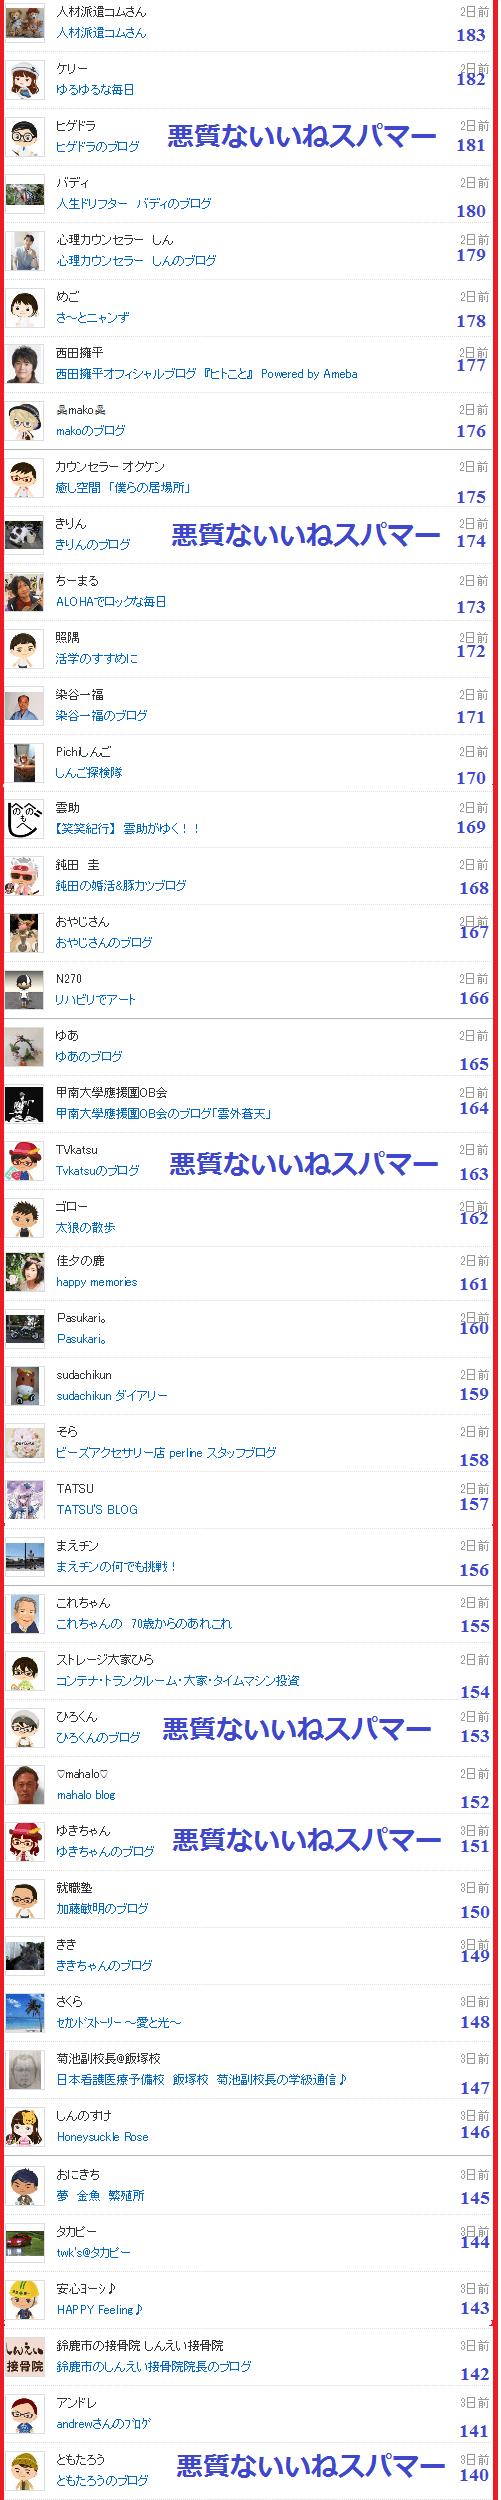 つぶちゃんは悪質スパマーのブログに付いた「いいねリスト3」